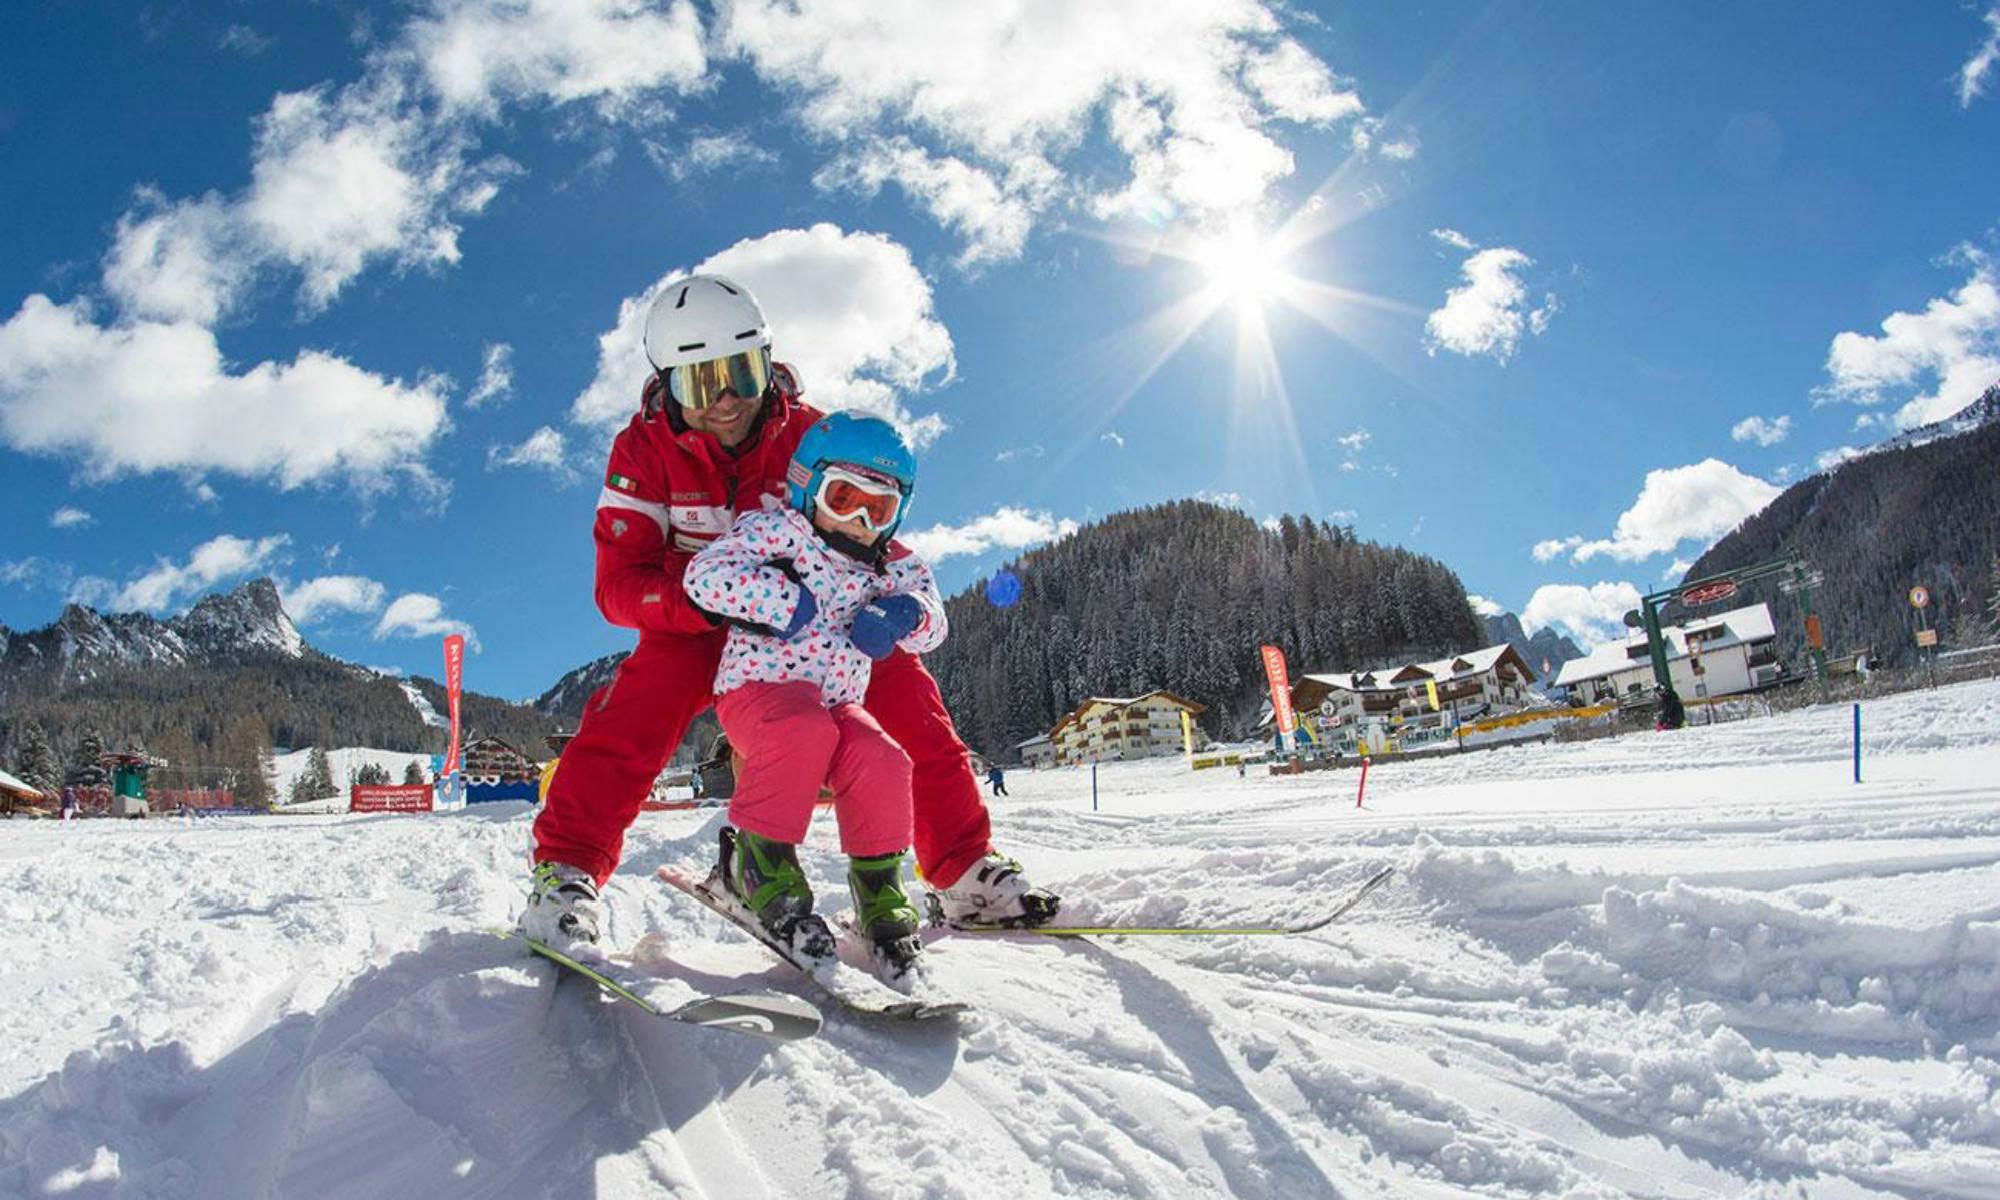 Un maestro di sci aiuta una piccola sciatrice a mantenere la posizione sugli sci.